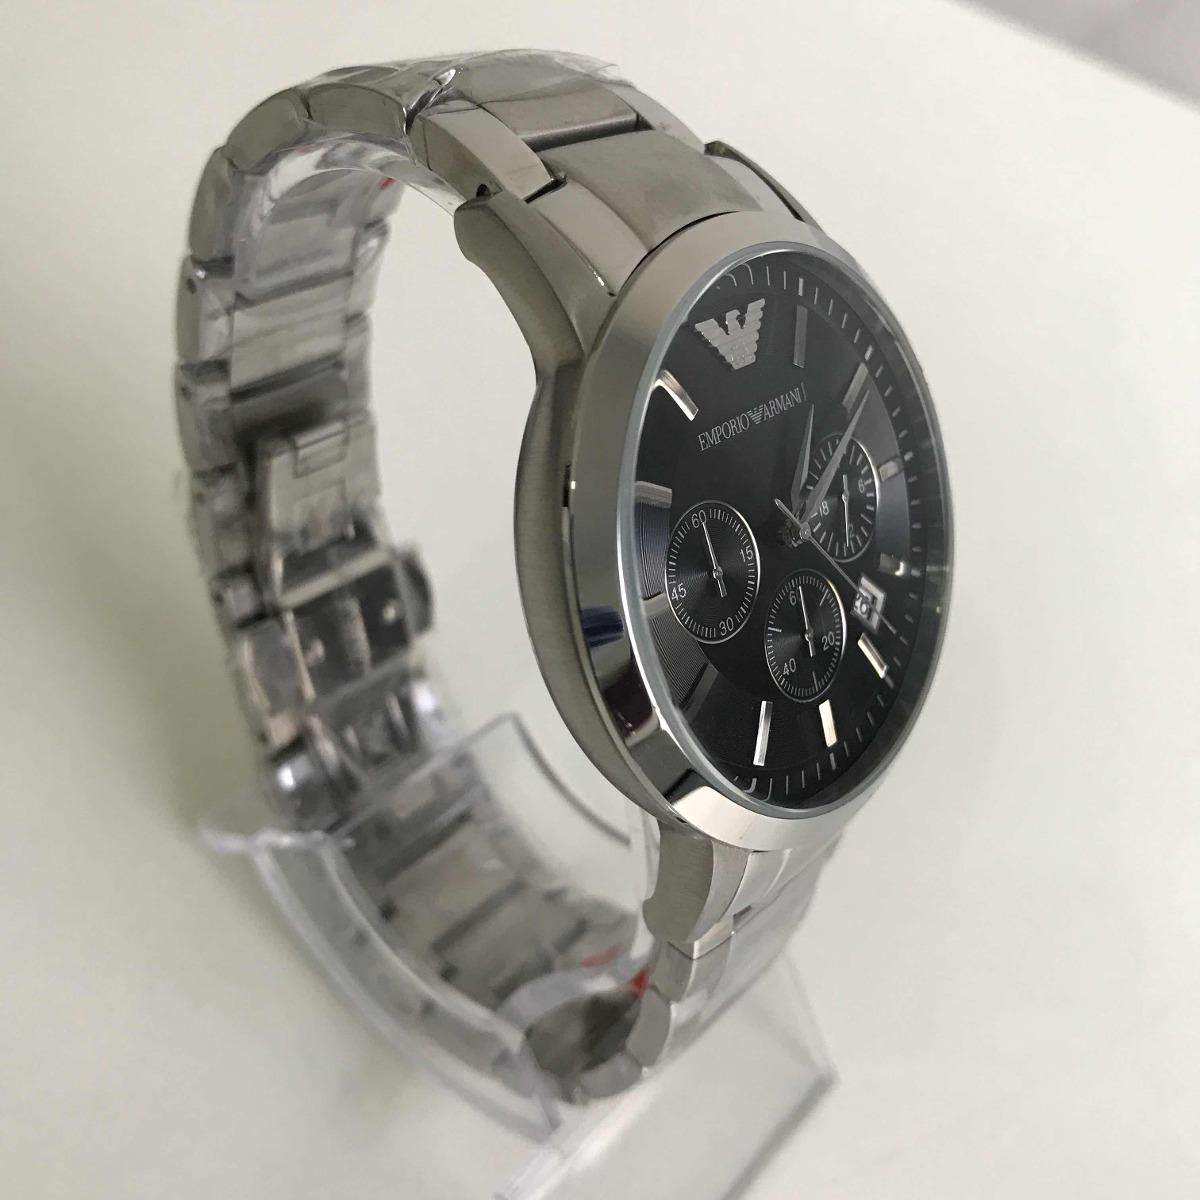 632d300f5 Relógio Emporio Armani Ar-2434 Prata. - R$ 599,00 em Mercado Livre